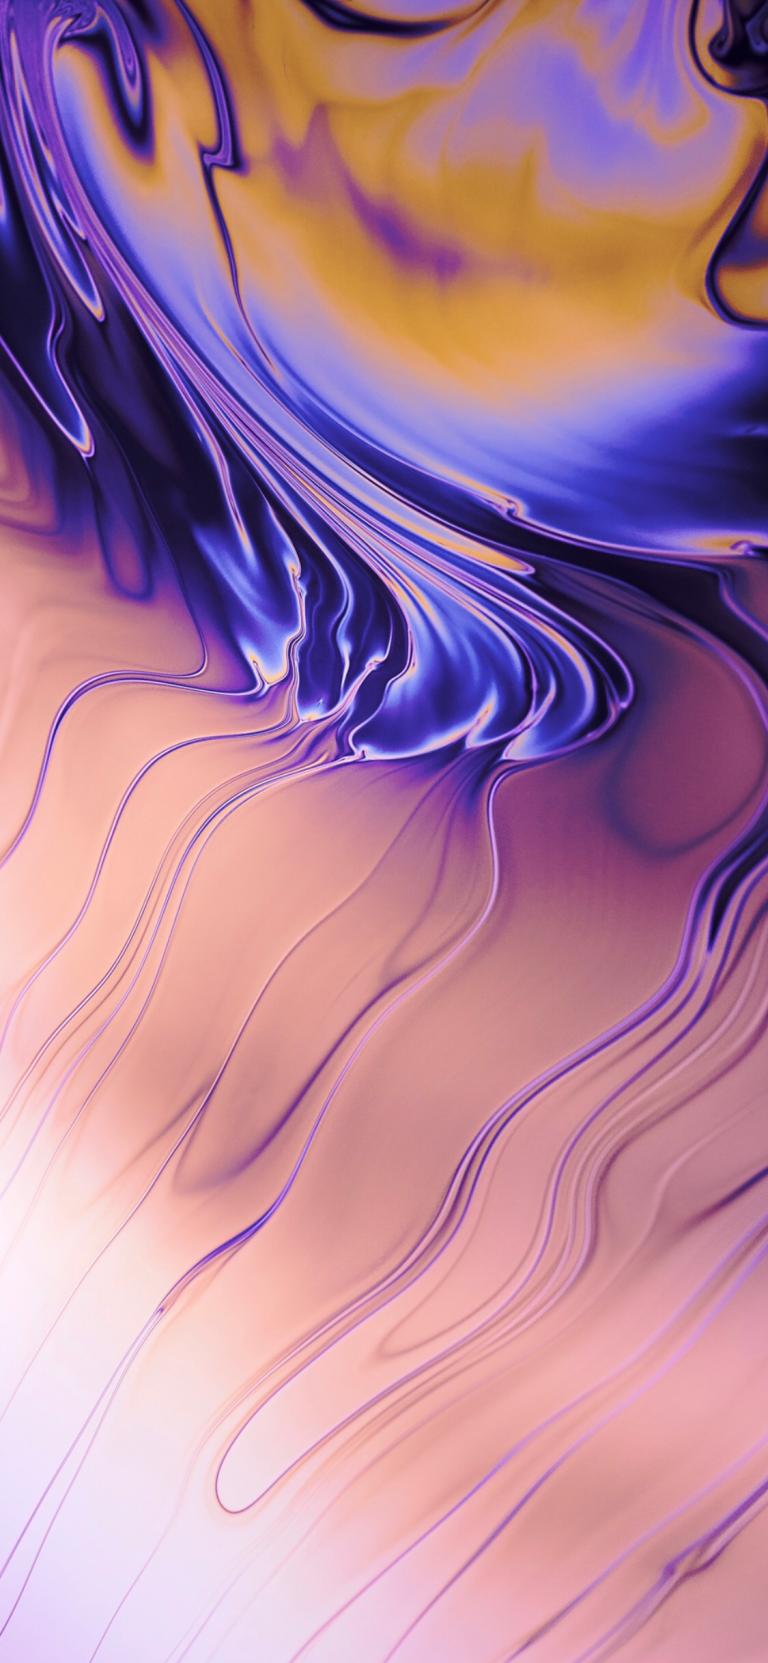 Ios11 Ios12 Ios13 Lockscreen Homescreen Backgrounds Apple